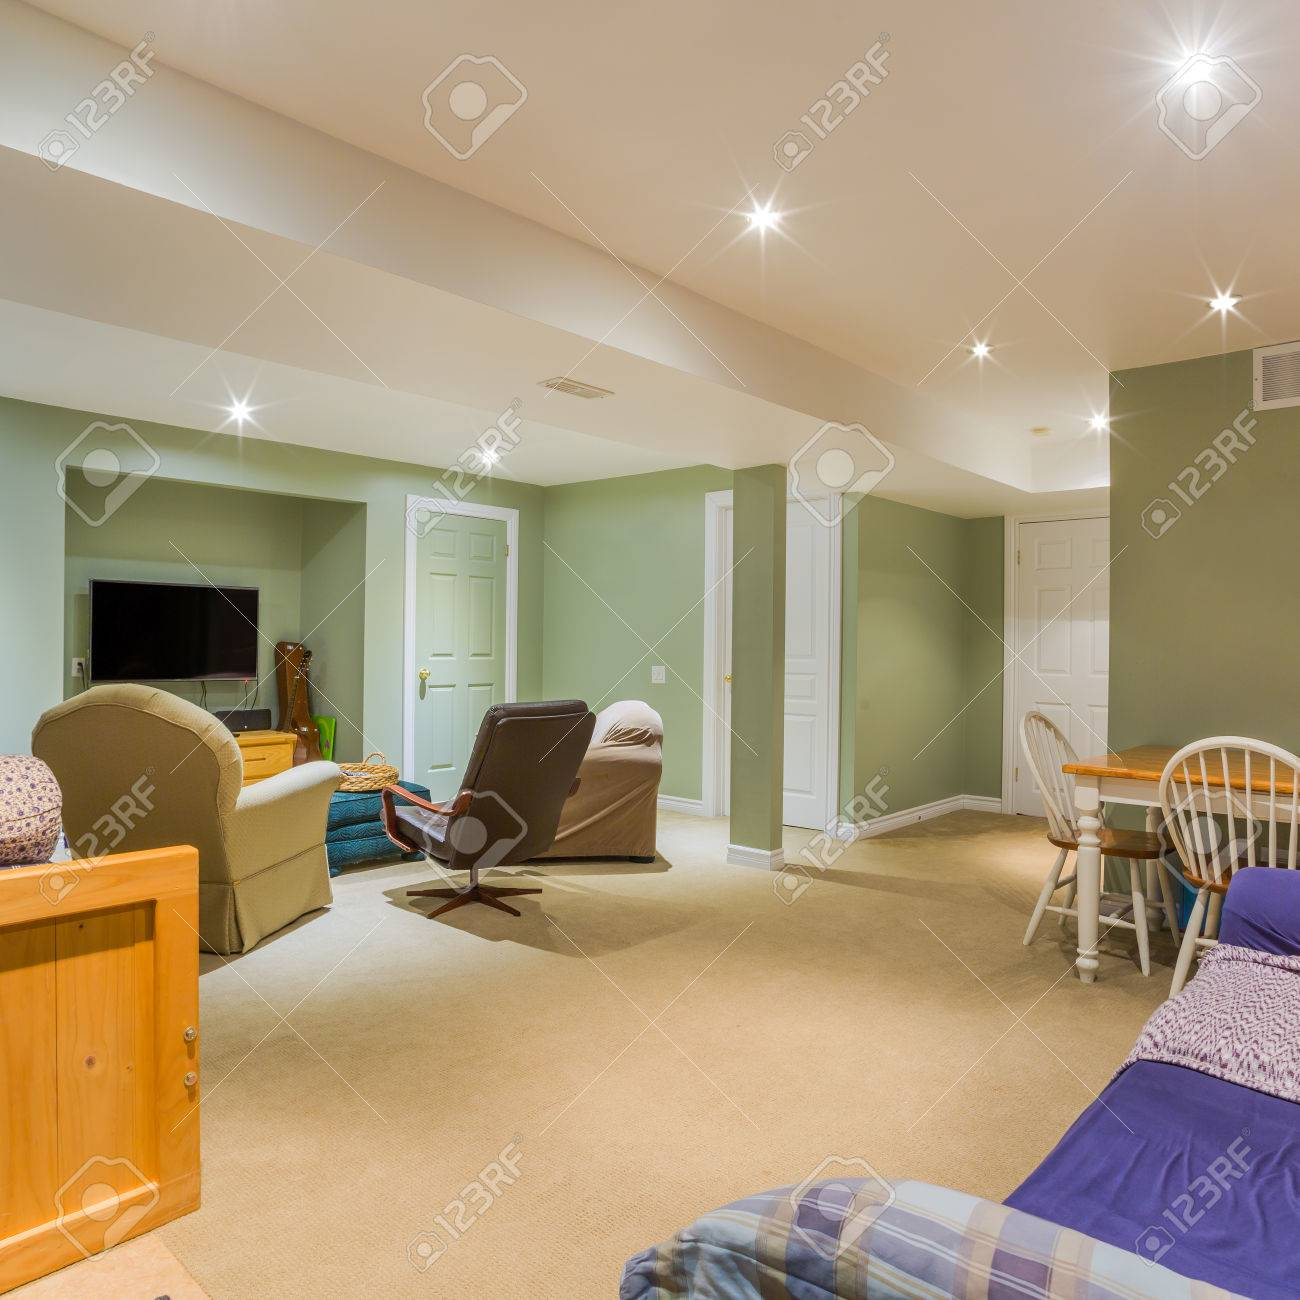 Keller Interior Design In Einem Neuen Haus Lizenzfreie Fotos, Bilder ...